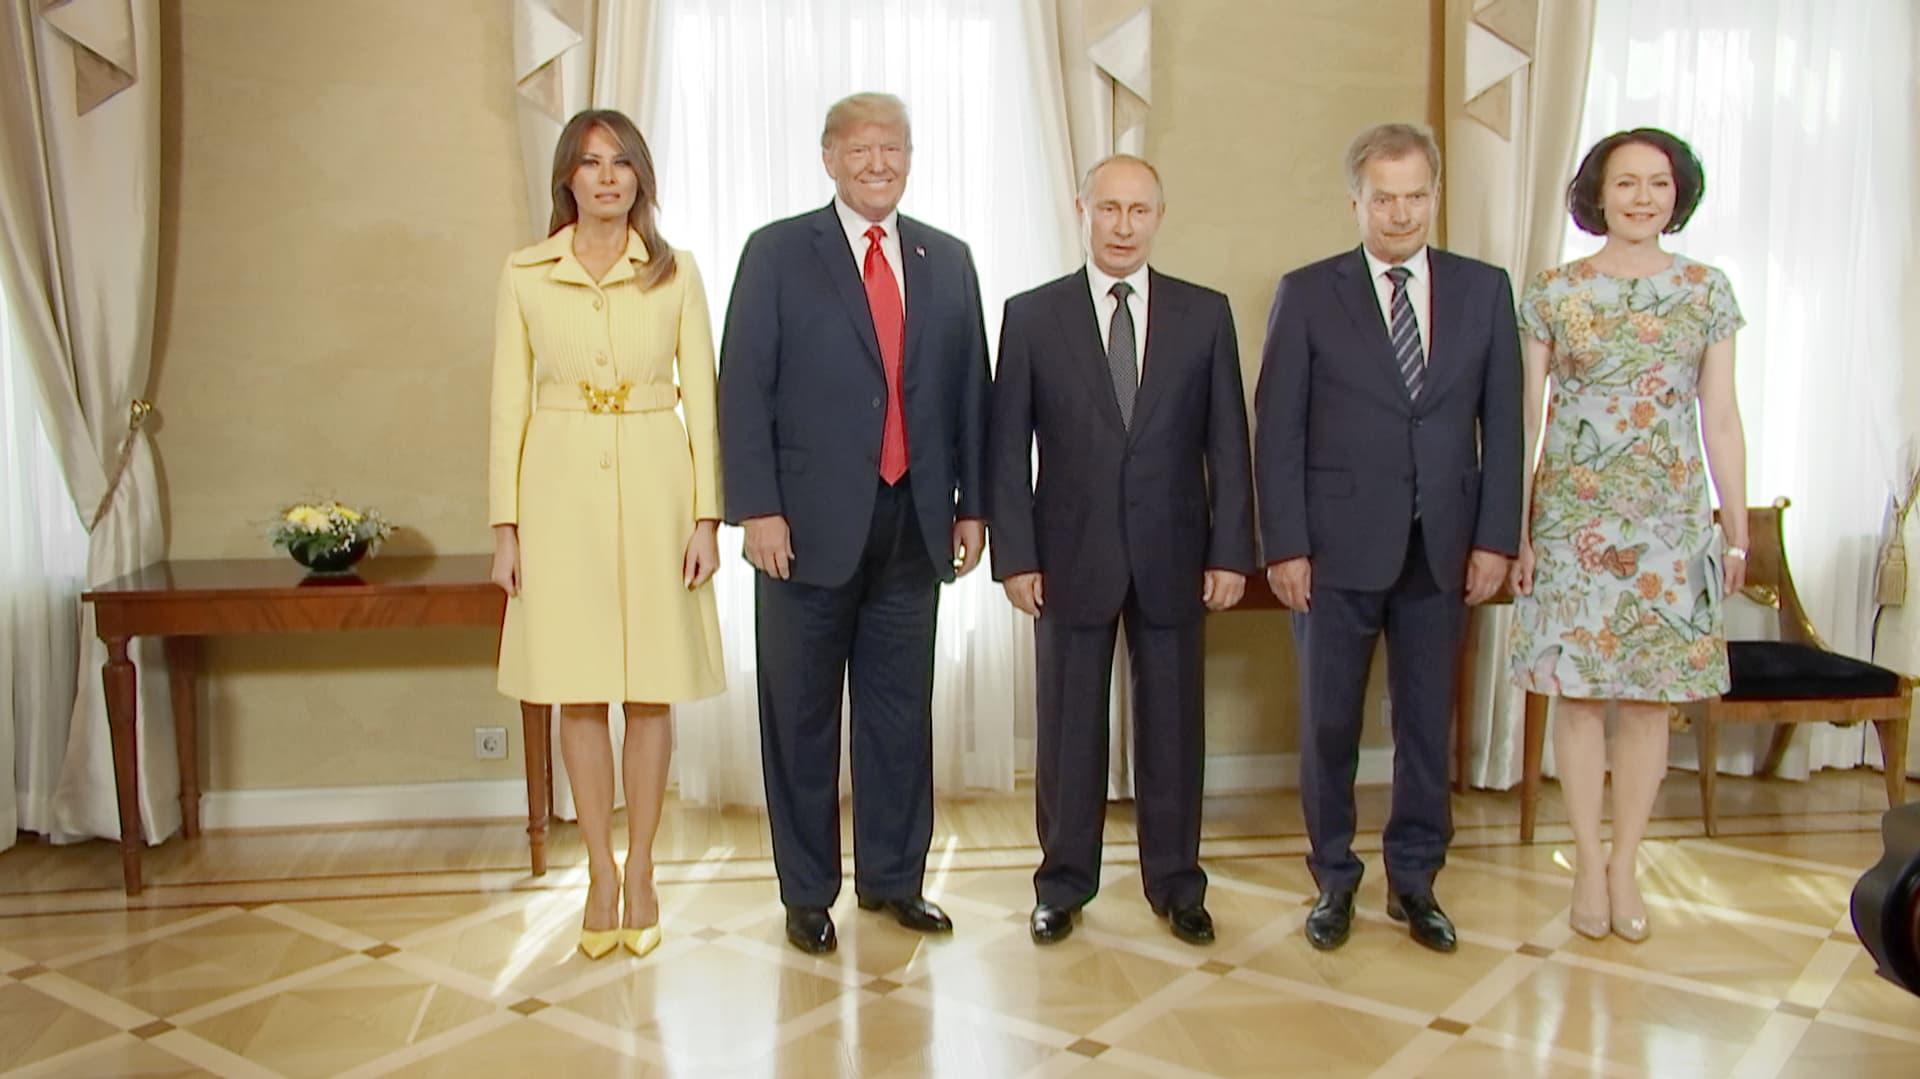 Presidentit puolisoineen asettuivat yhteiskuvaan, samalla nähtiin historiallinen kättely ...